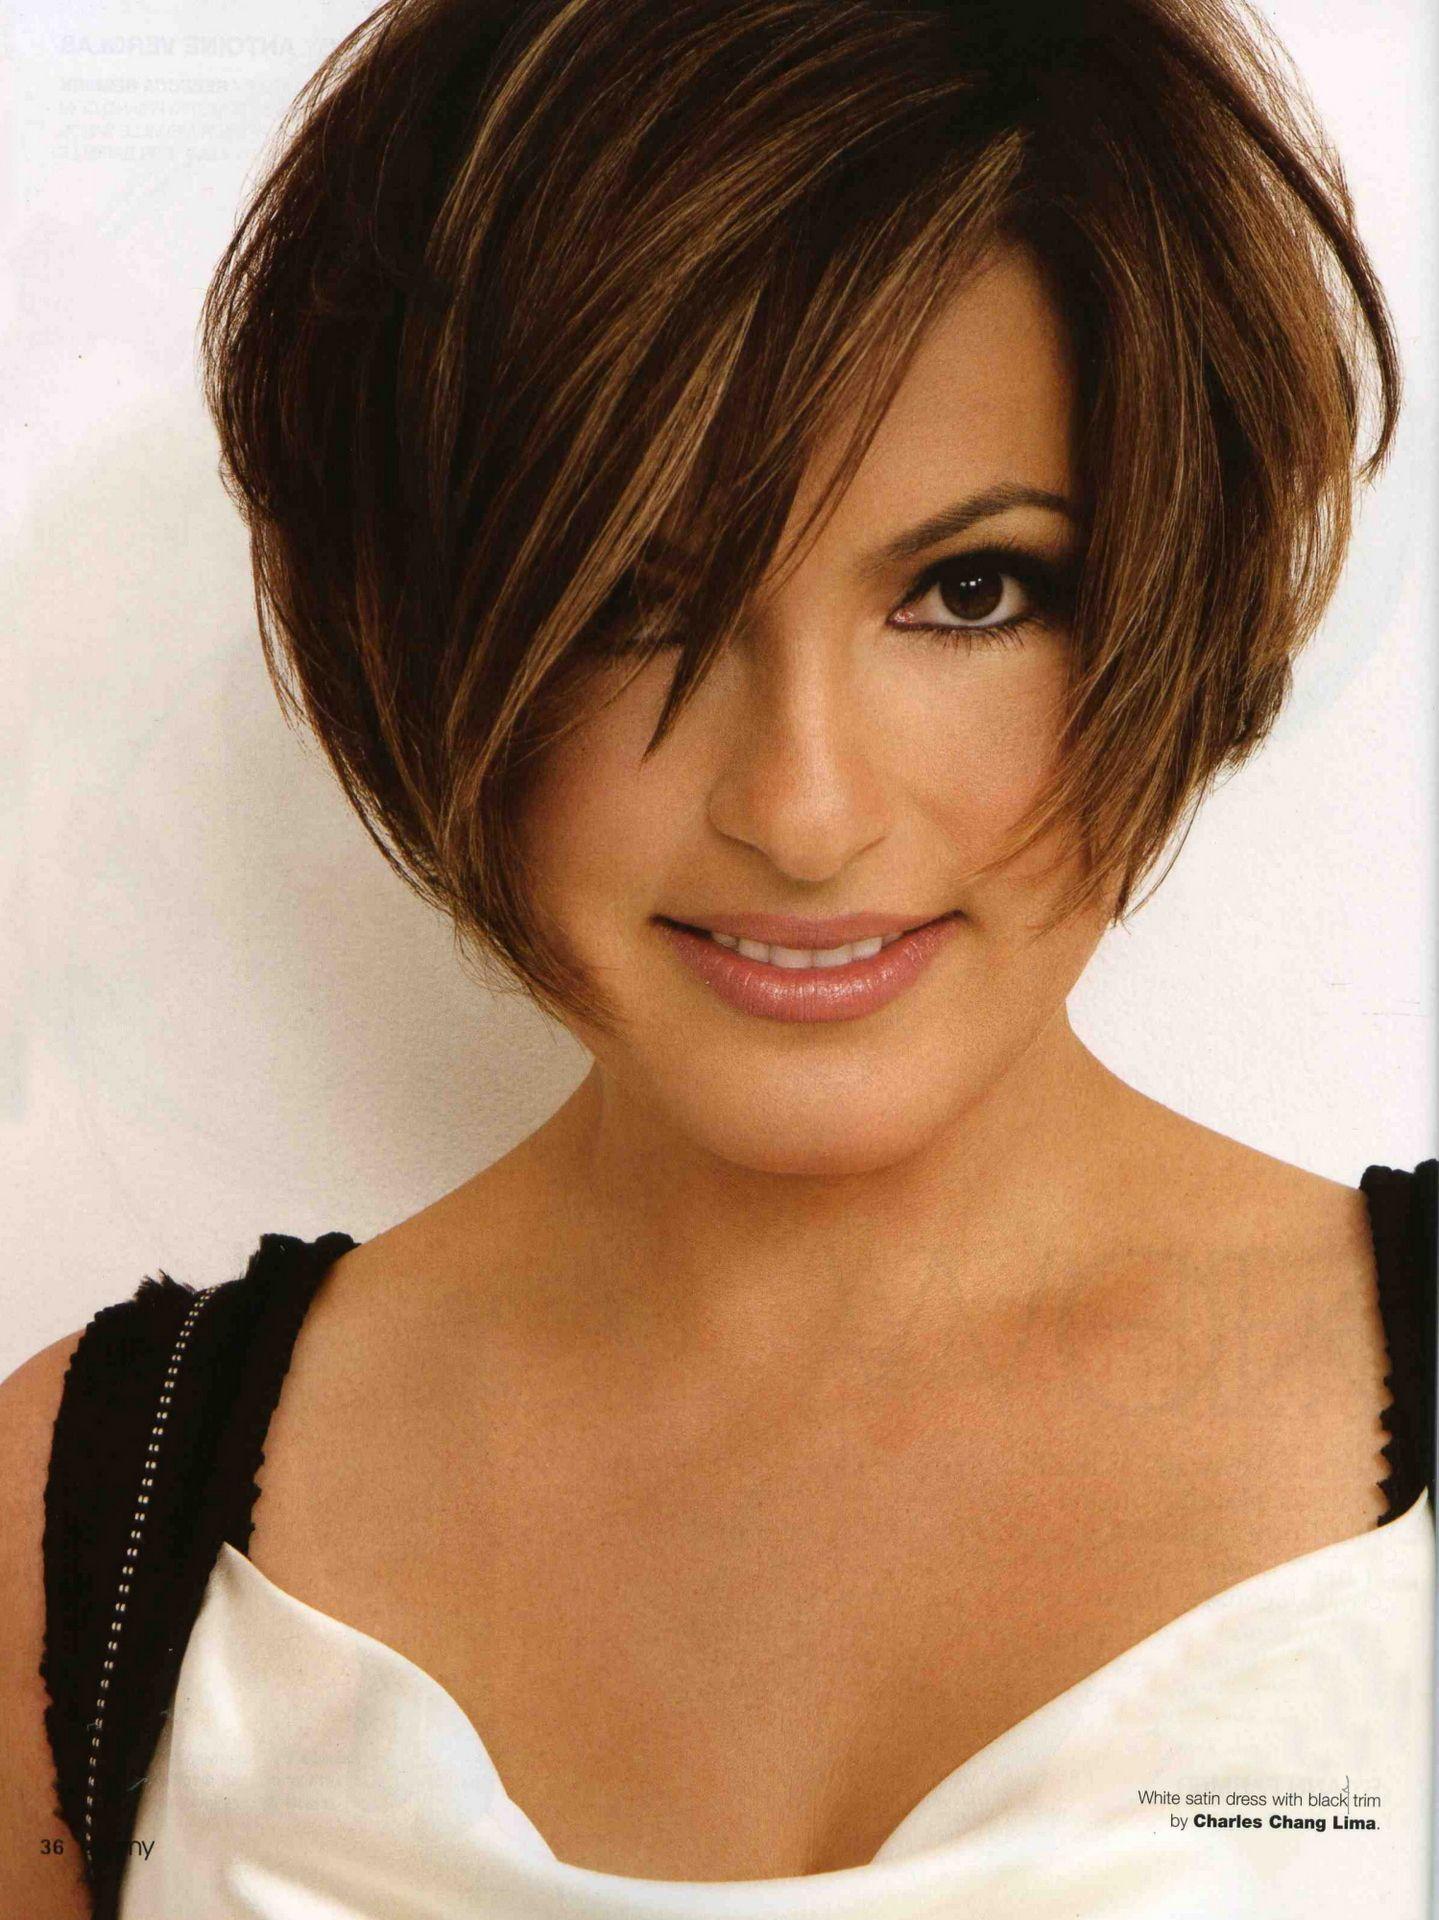 short hair cuts ideas for women's | mariska hargitay, hair style